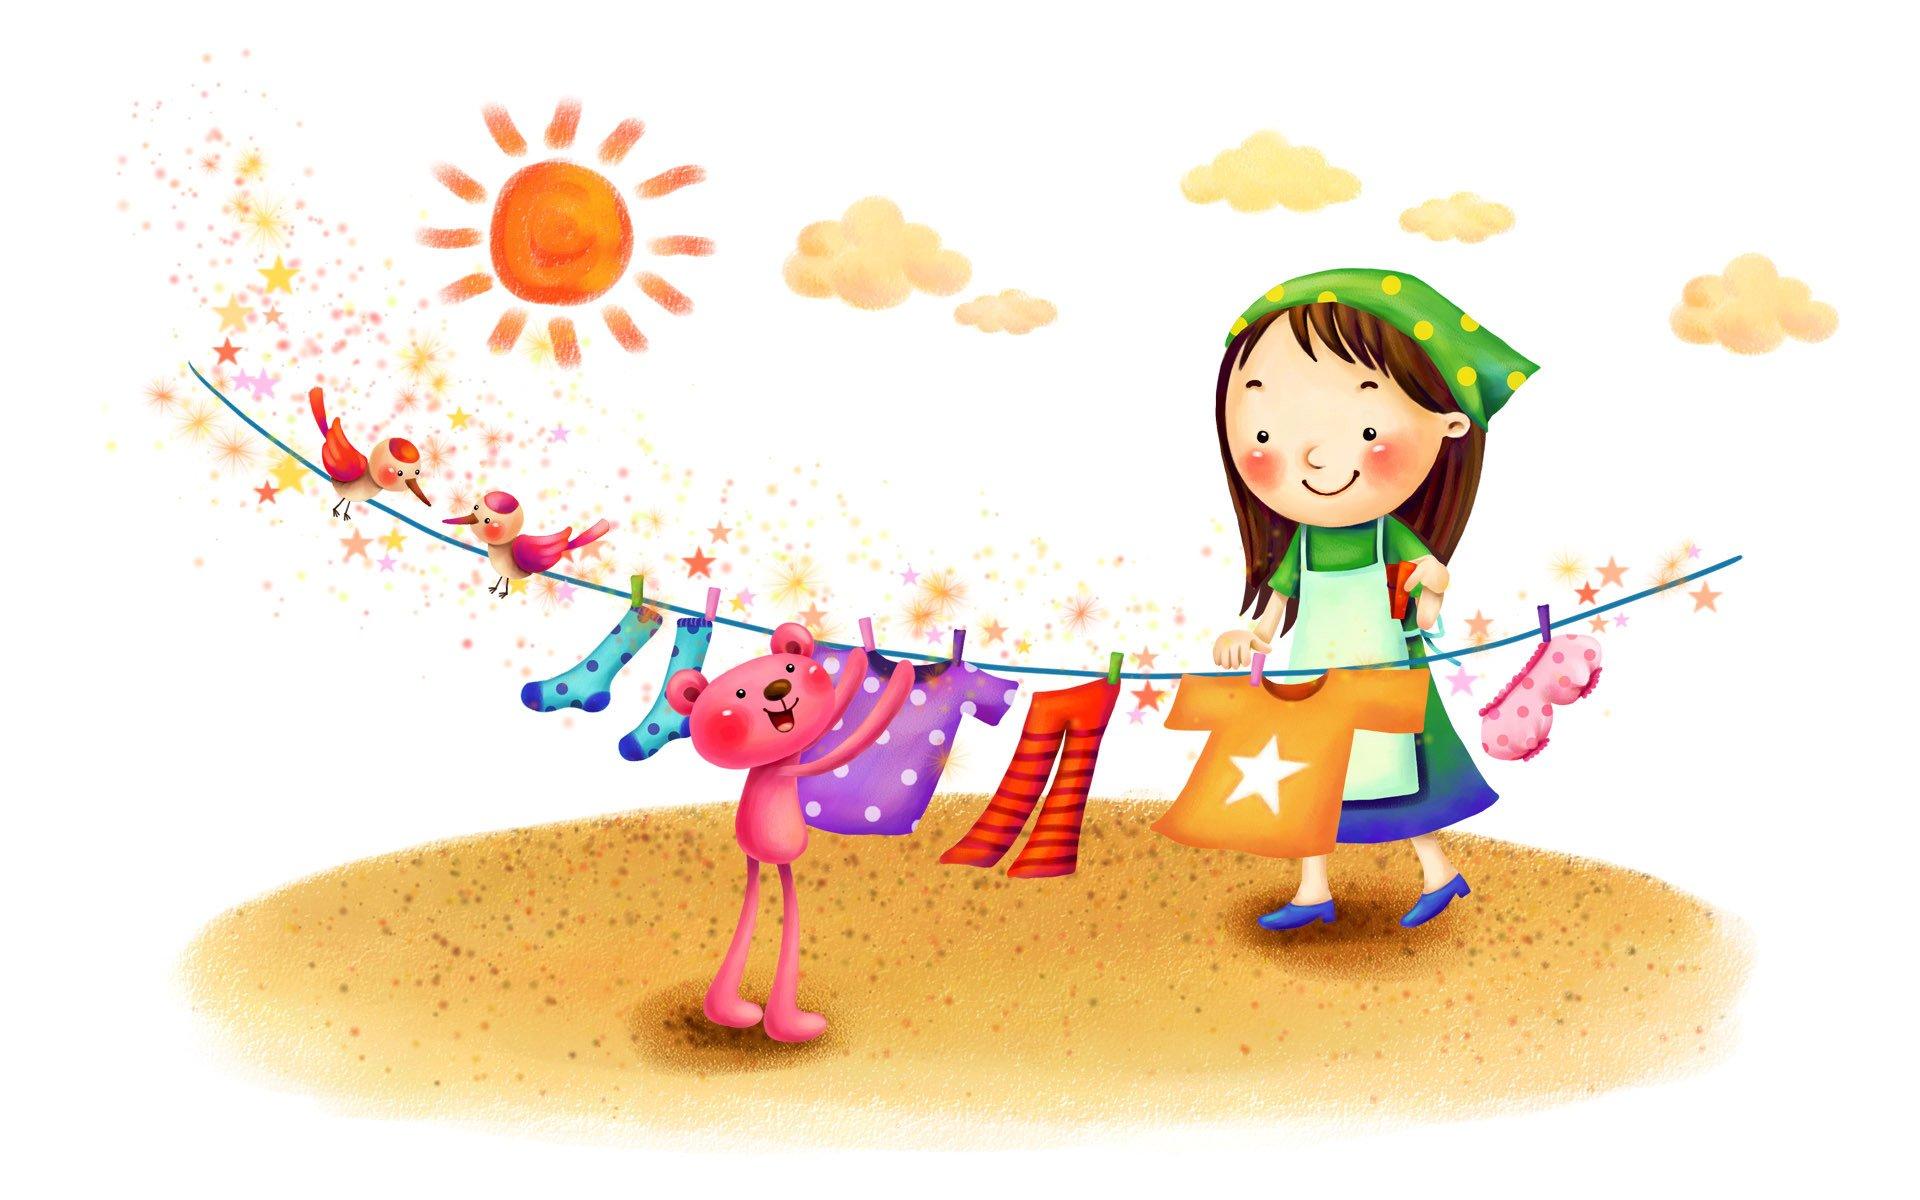 Смешные мультяшные детские картинки, рисованные девушками полный